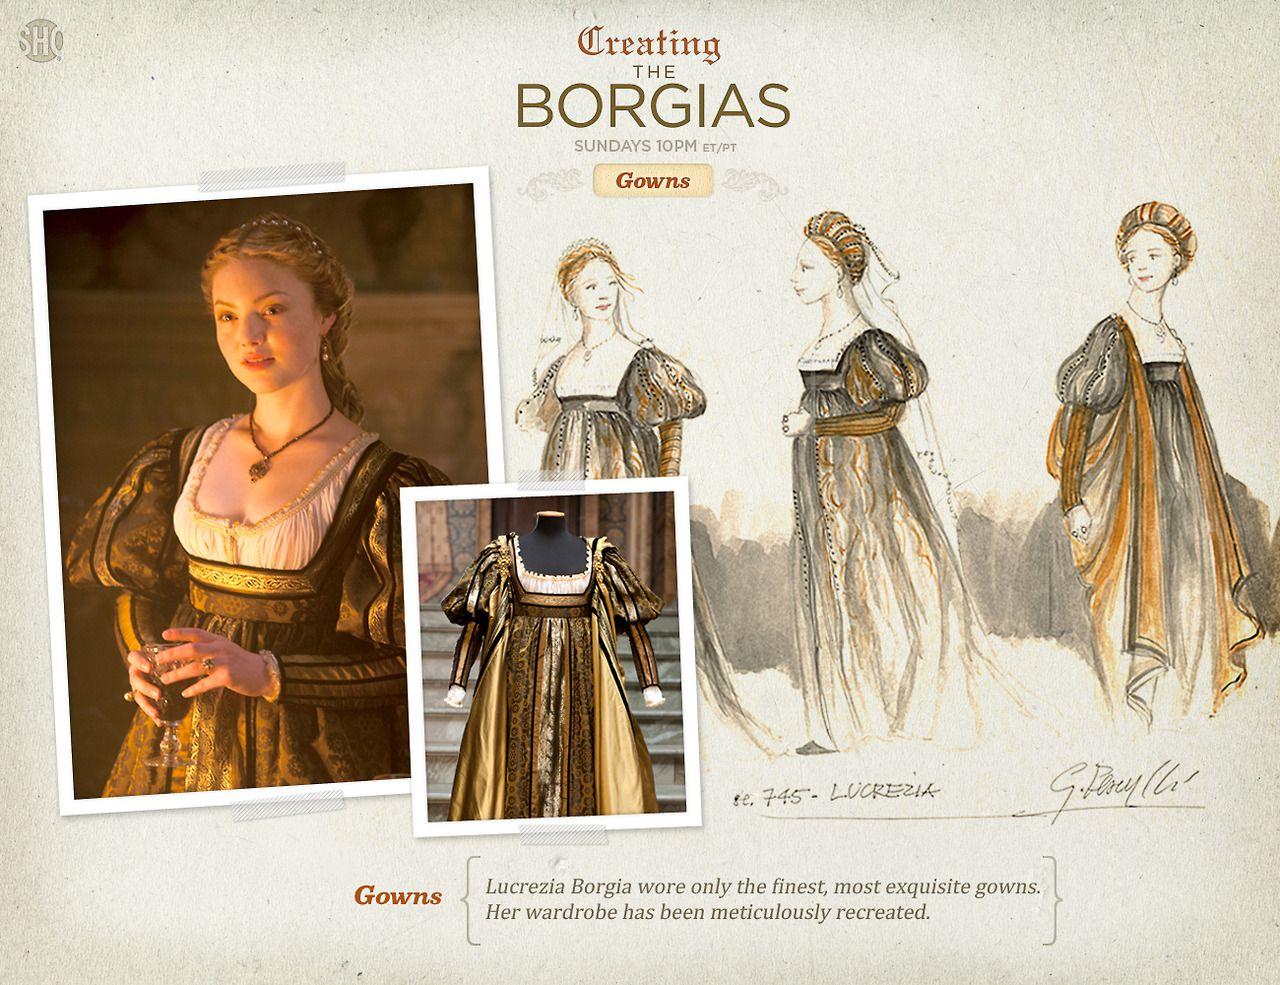 The-Borgias-the-borgias-34193207-1280-985.jpg (1280×985)